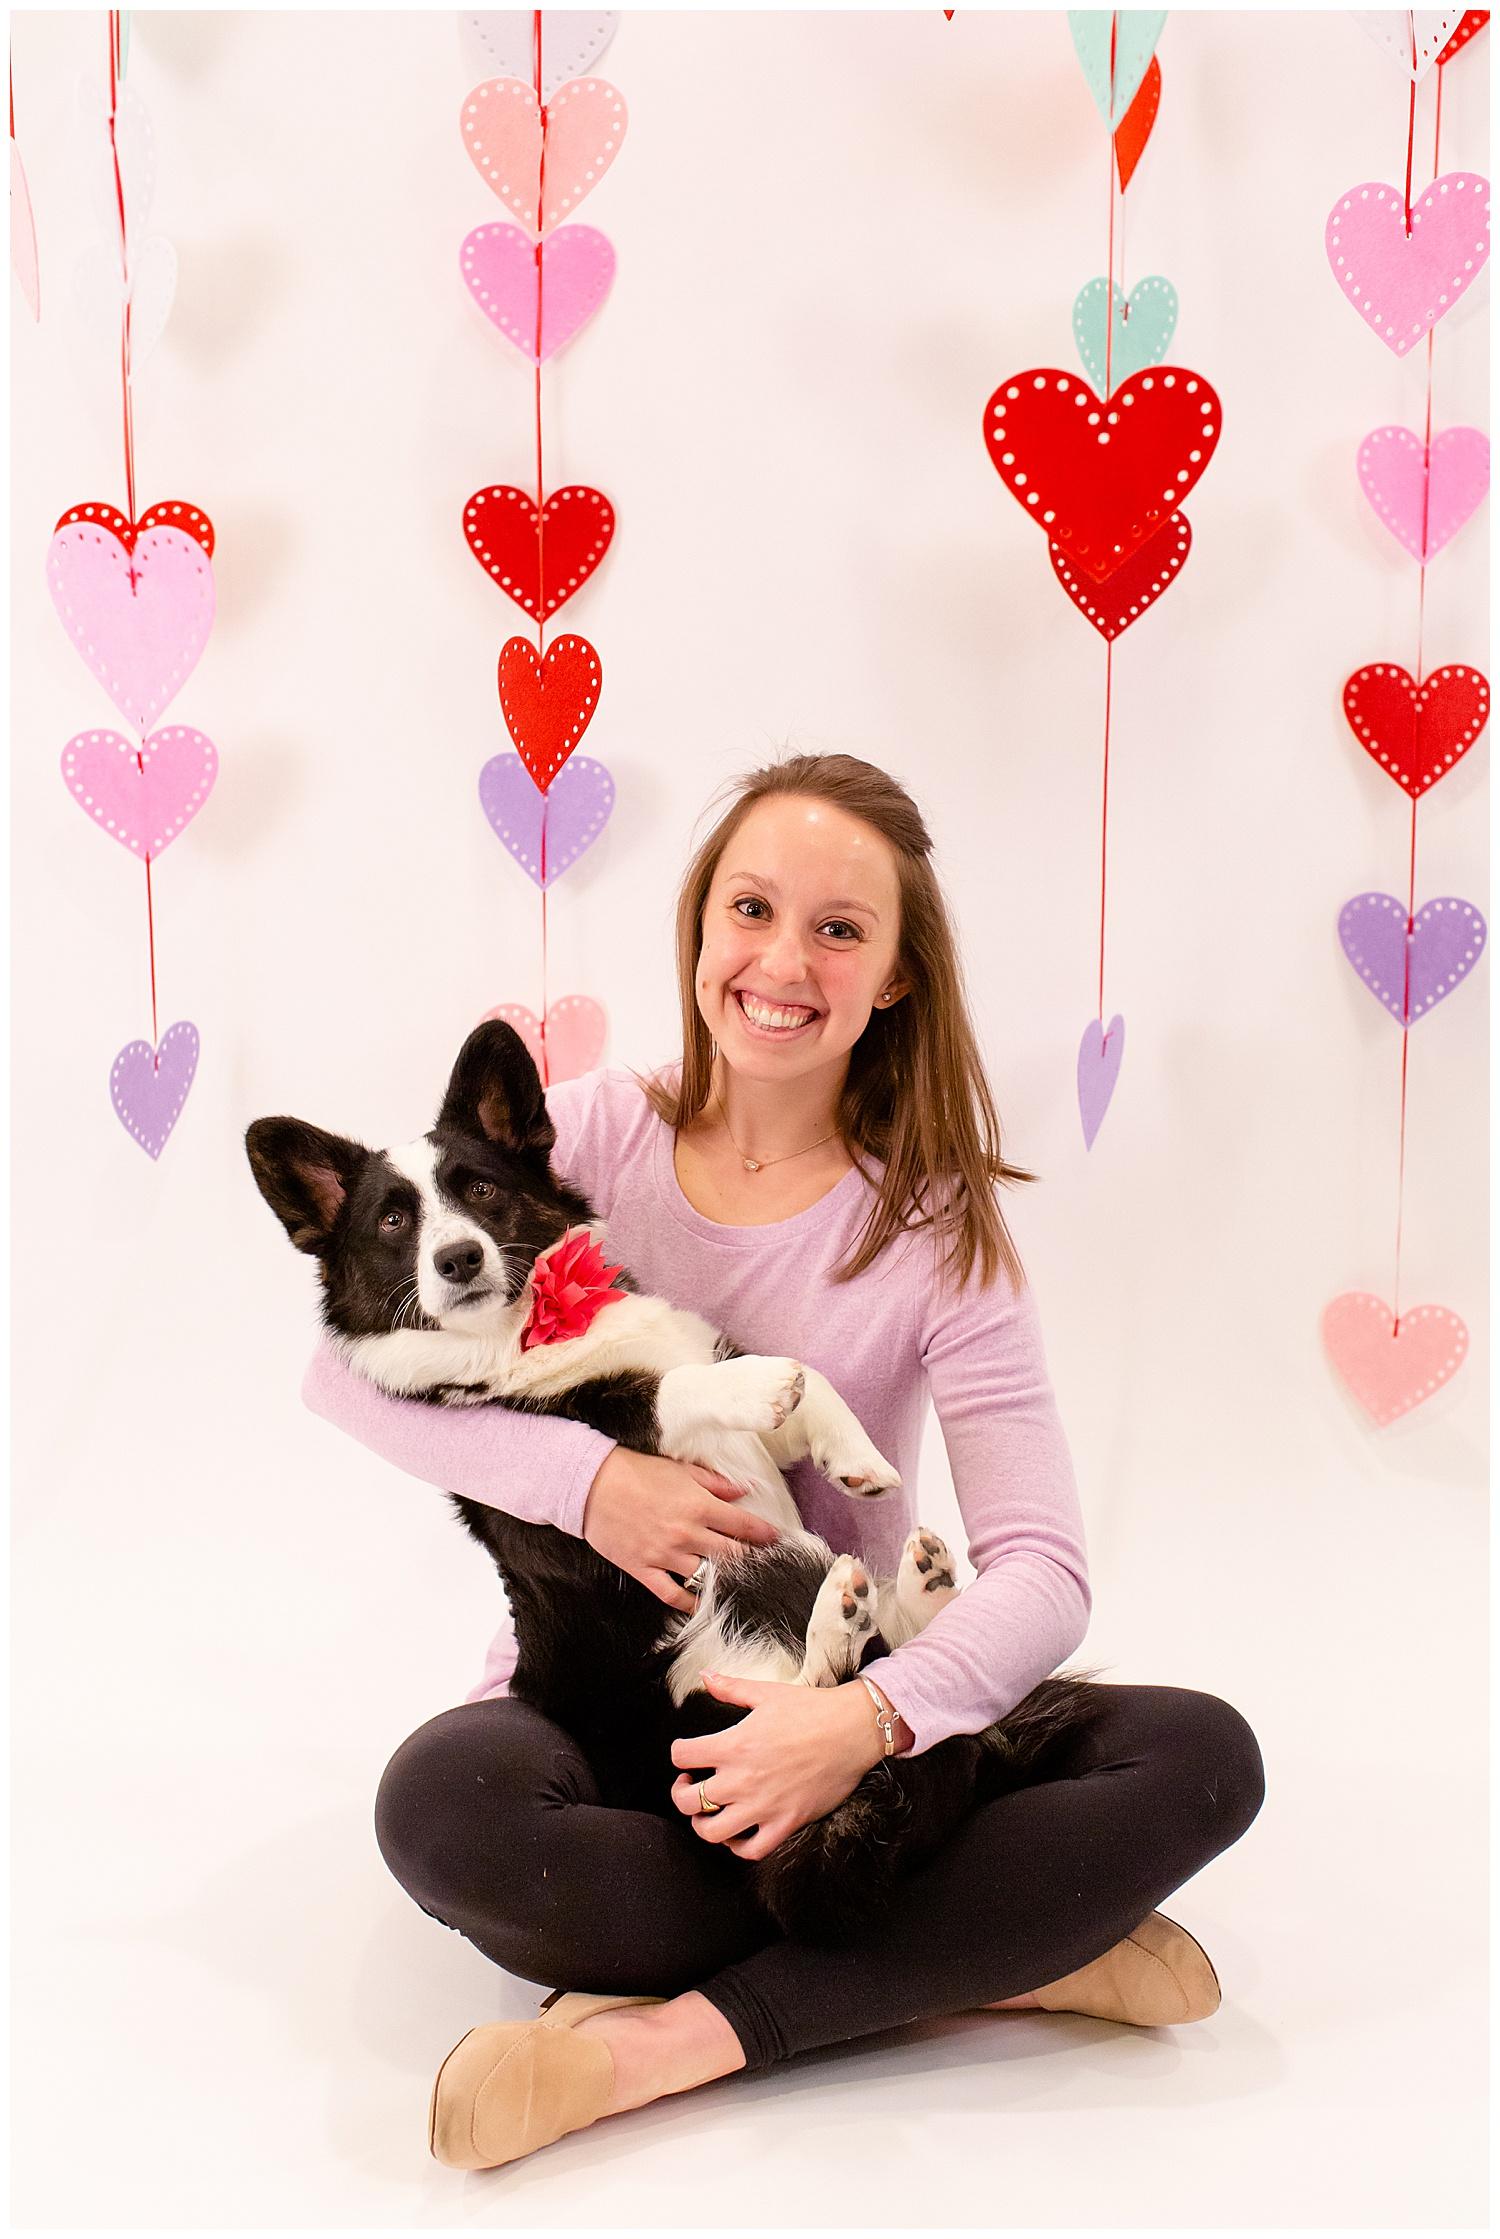 emily-belson-photography-couple-dog-valentine-photoshoot-06.jpg